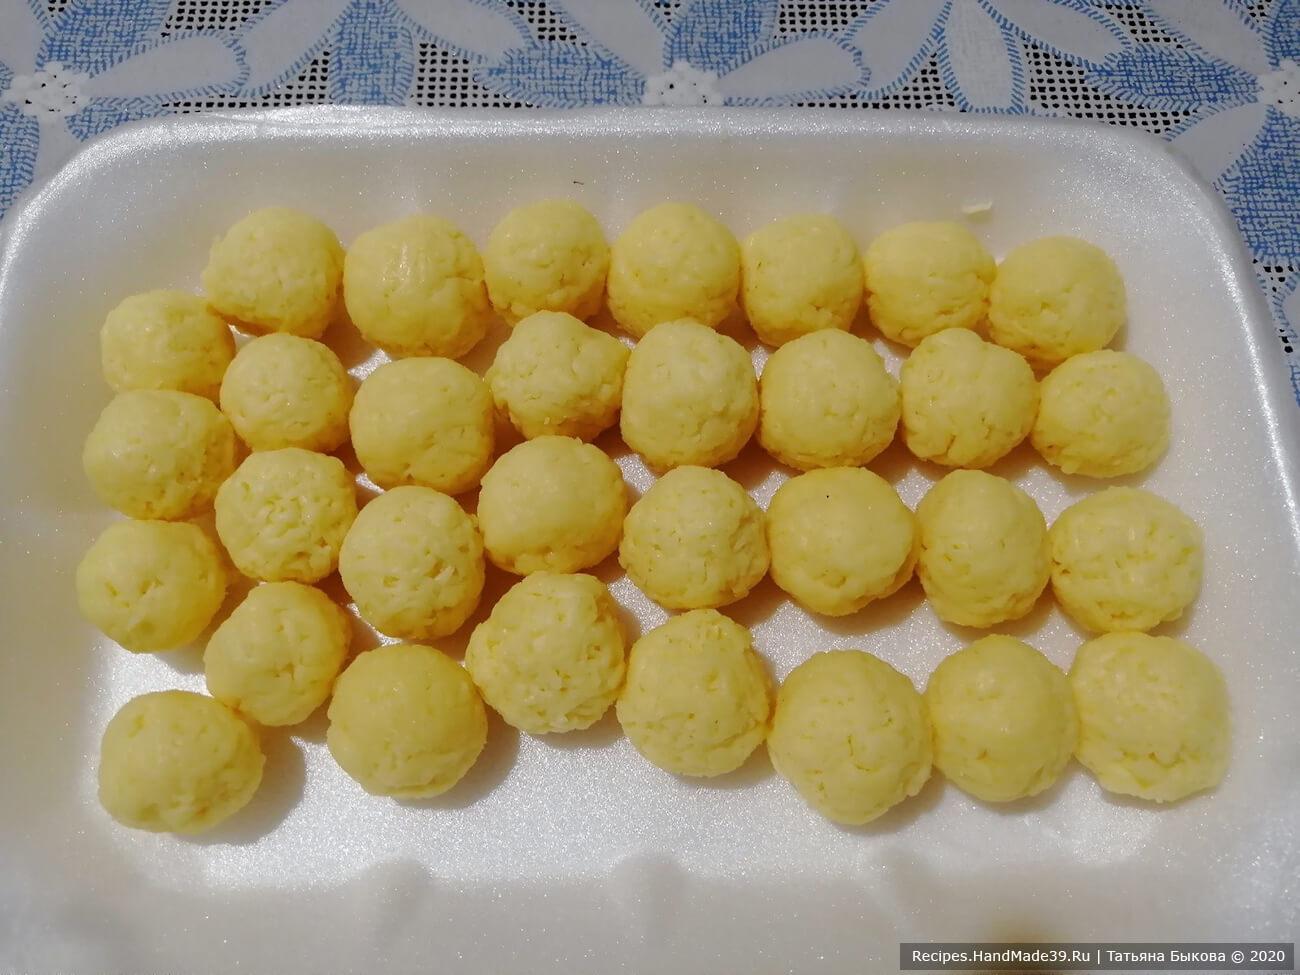 Любой твёрдый сыр натереть на мелкой тёрке и скатать из него небольшие шарики (величиной с фундук)